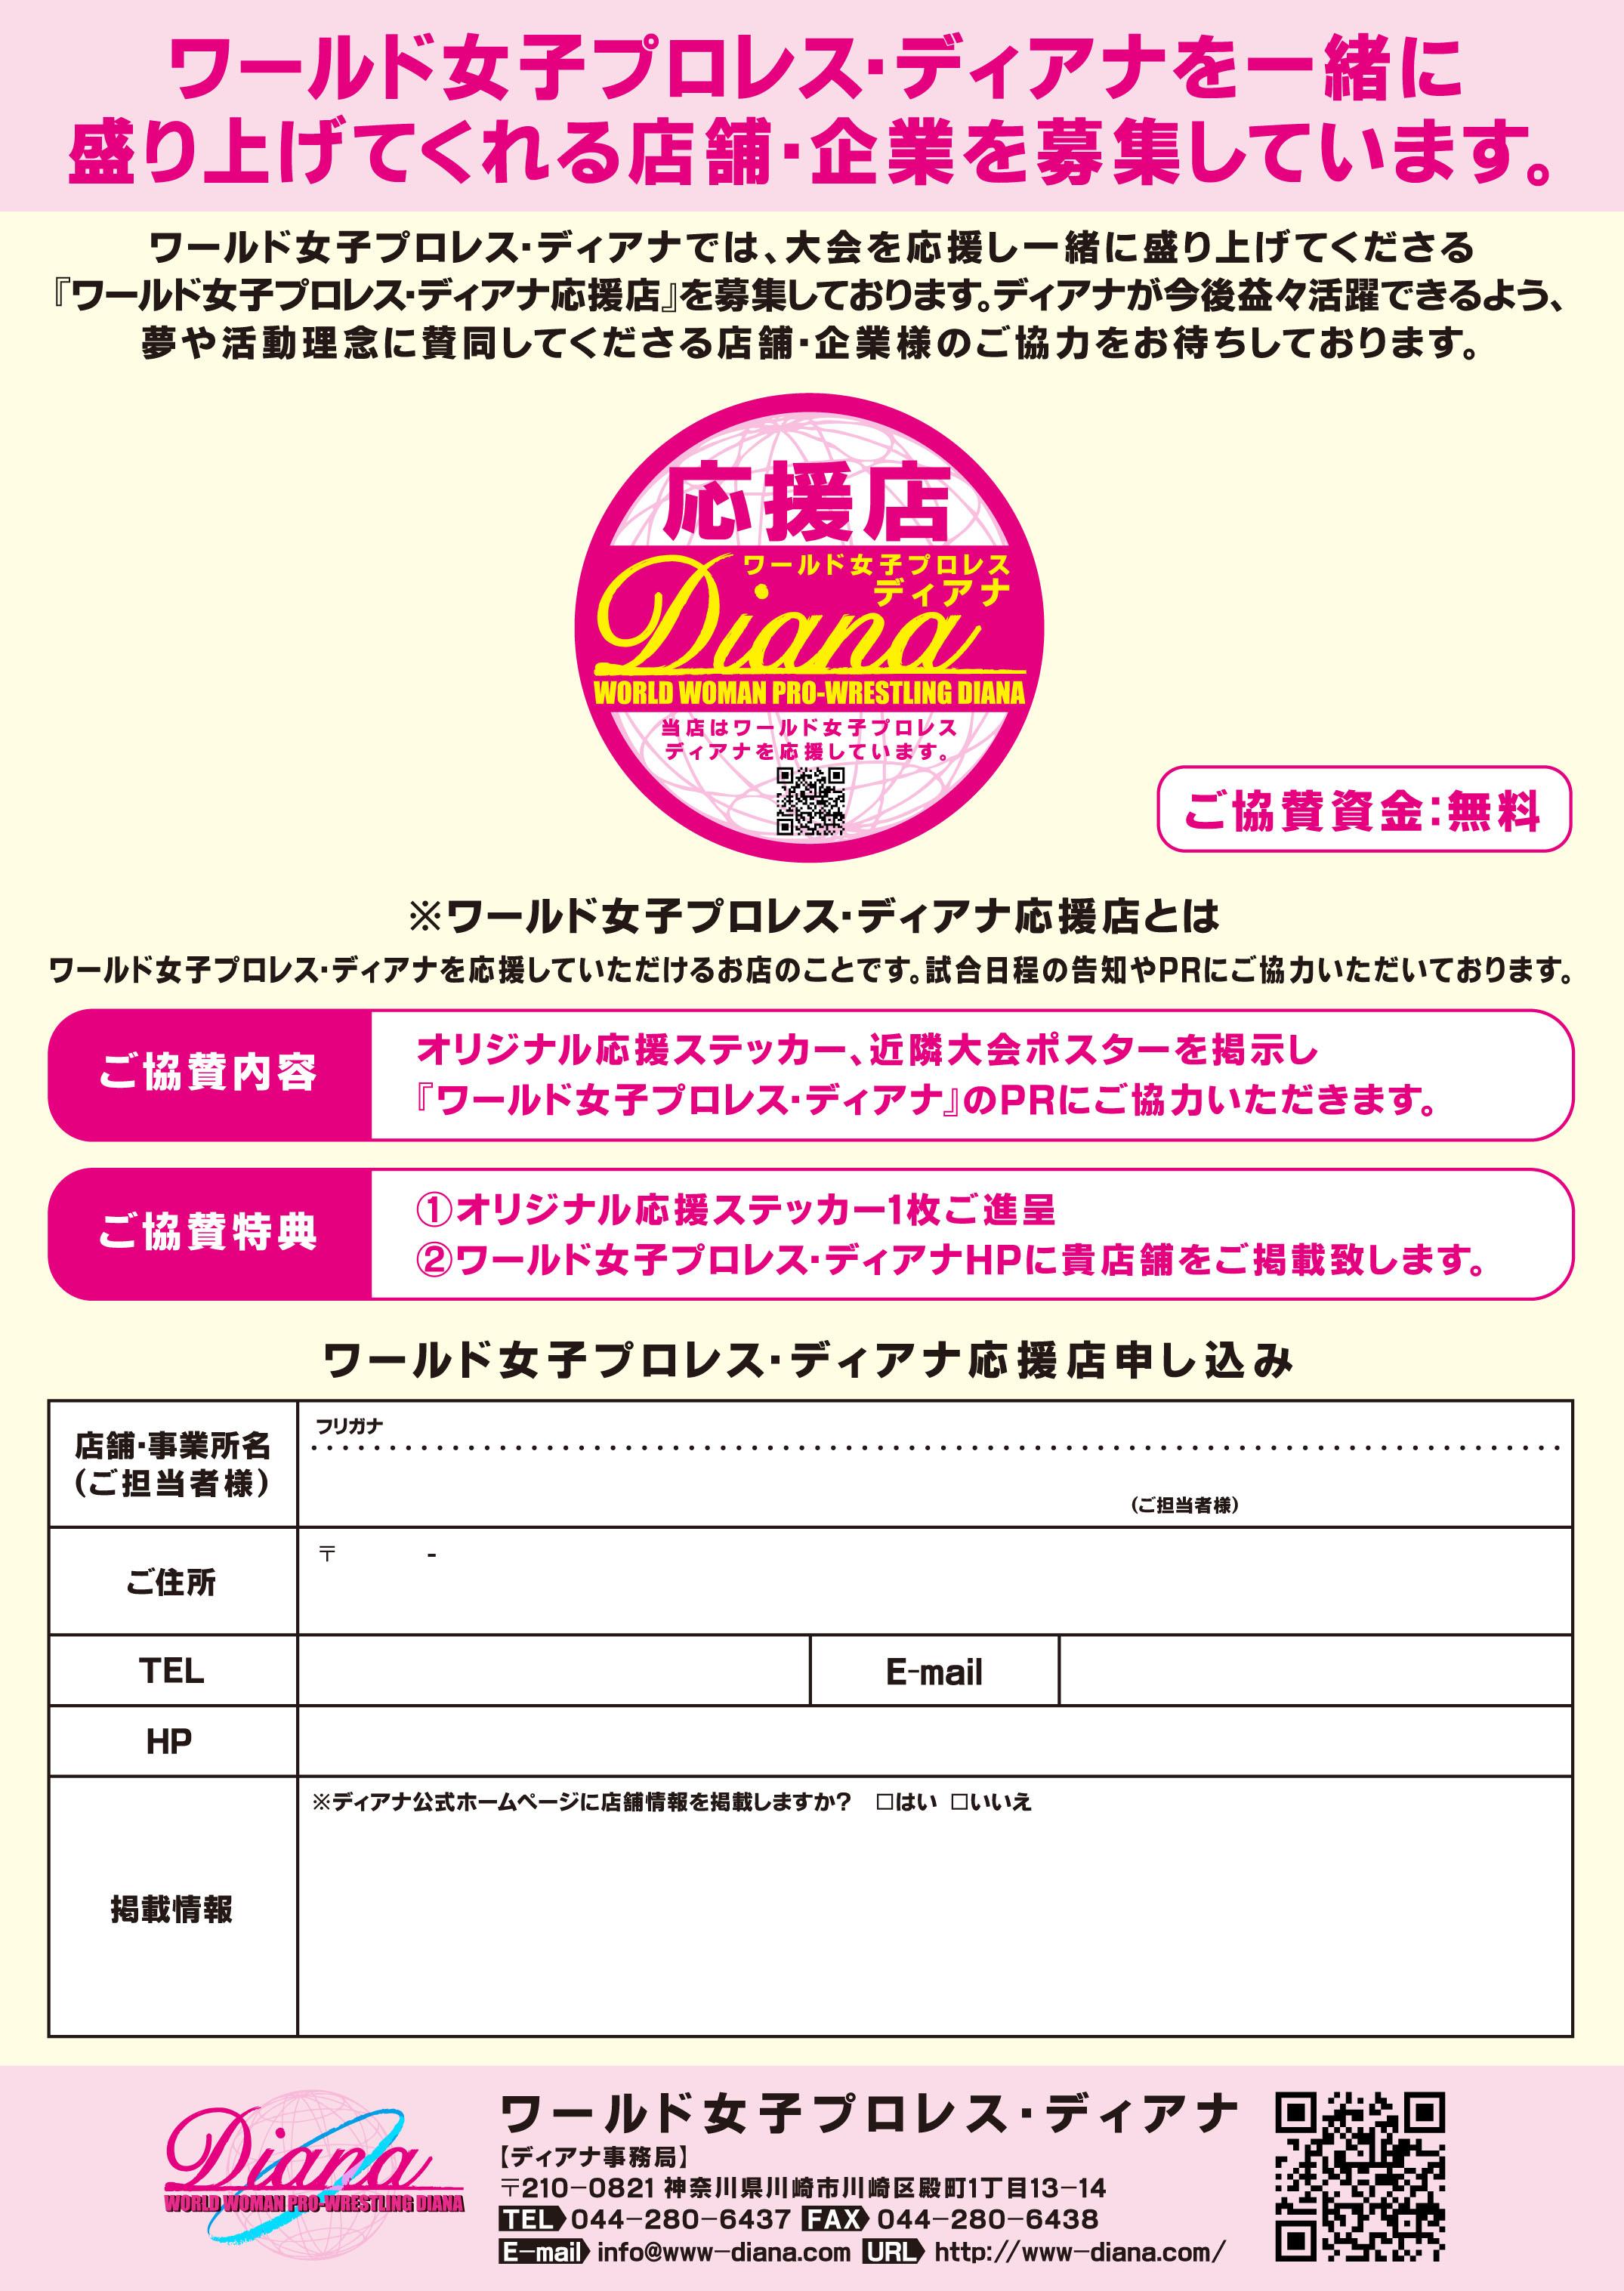 20130618_B5LasonaChirashi